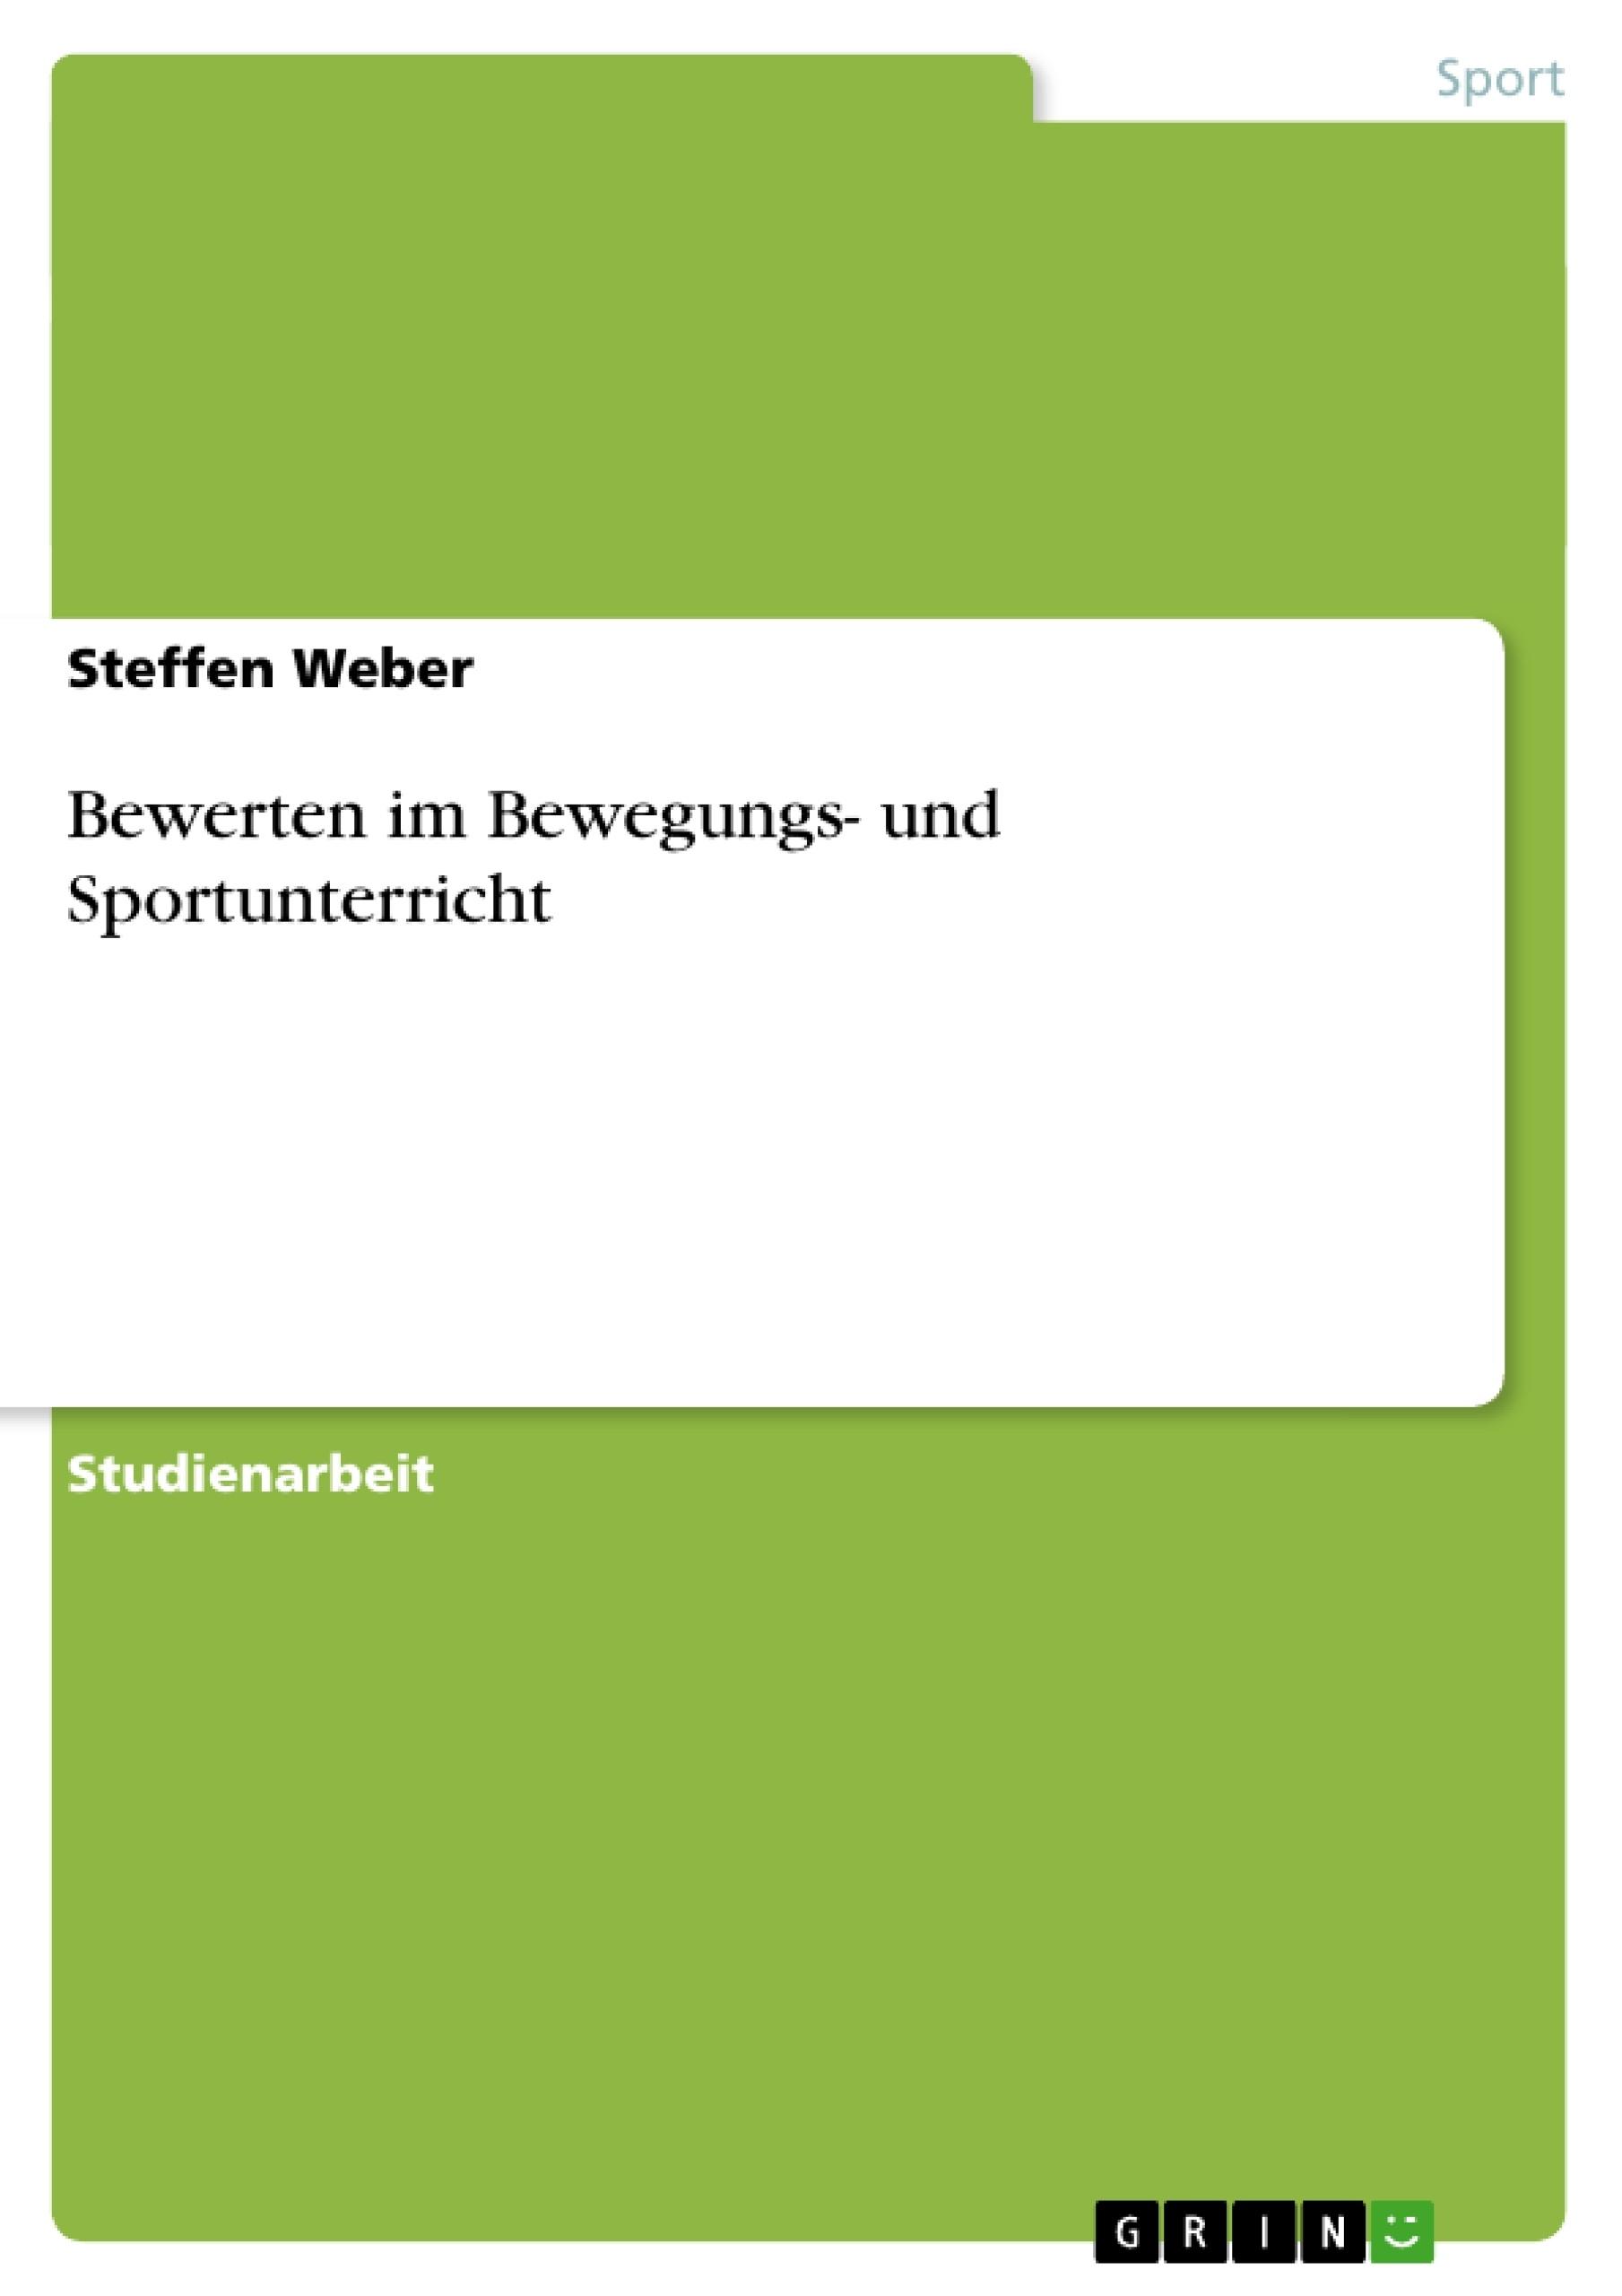 Titel: Bewerten im Bewegungs- und Sportunterricht